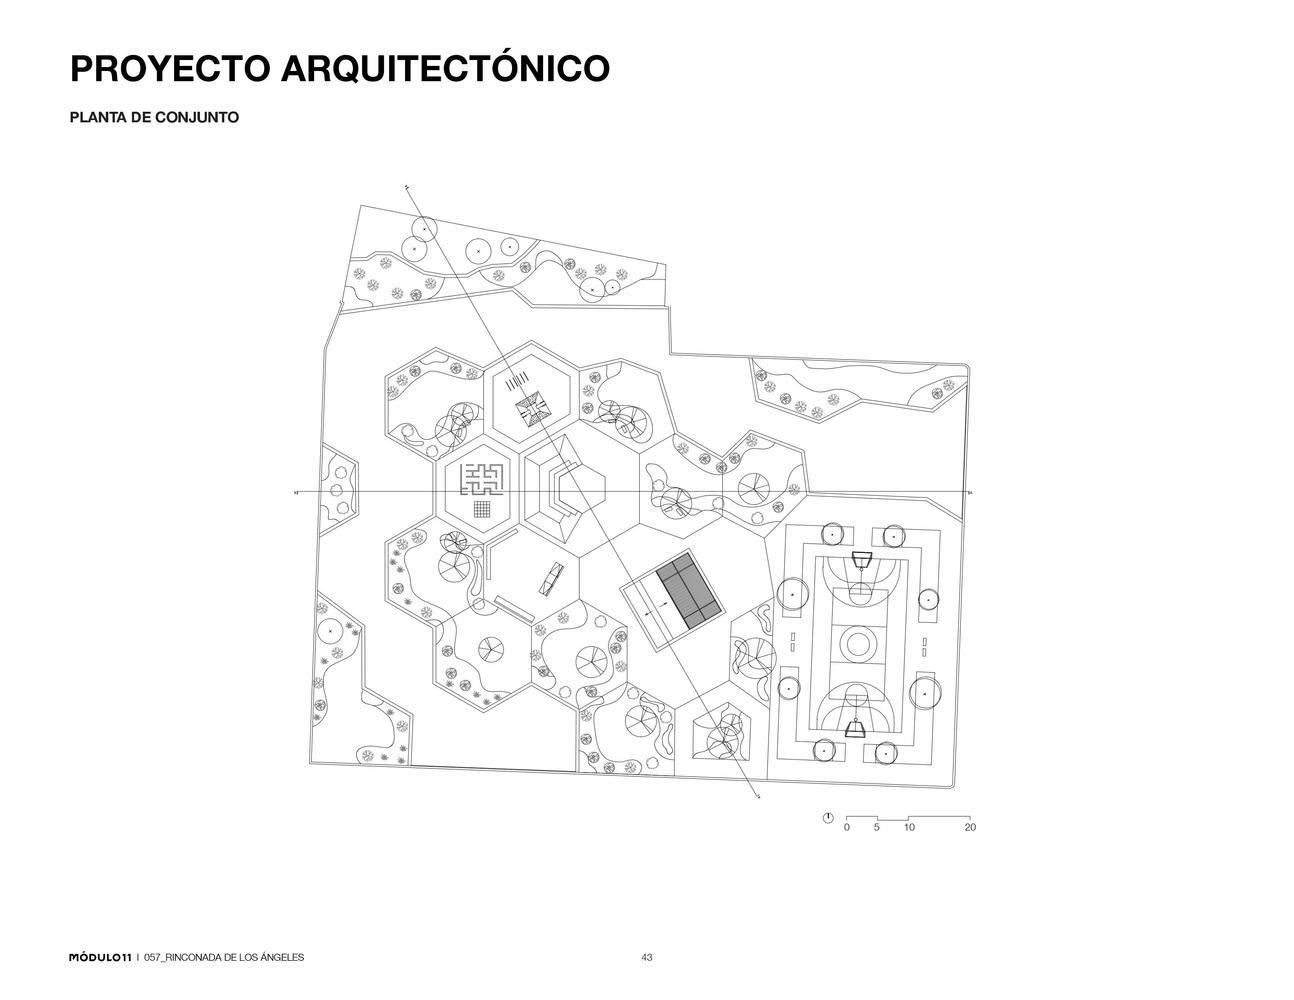 Galería - Joven despacho mexicano revitaliza localidad a través de la construcción de espacio público - 43